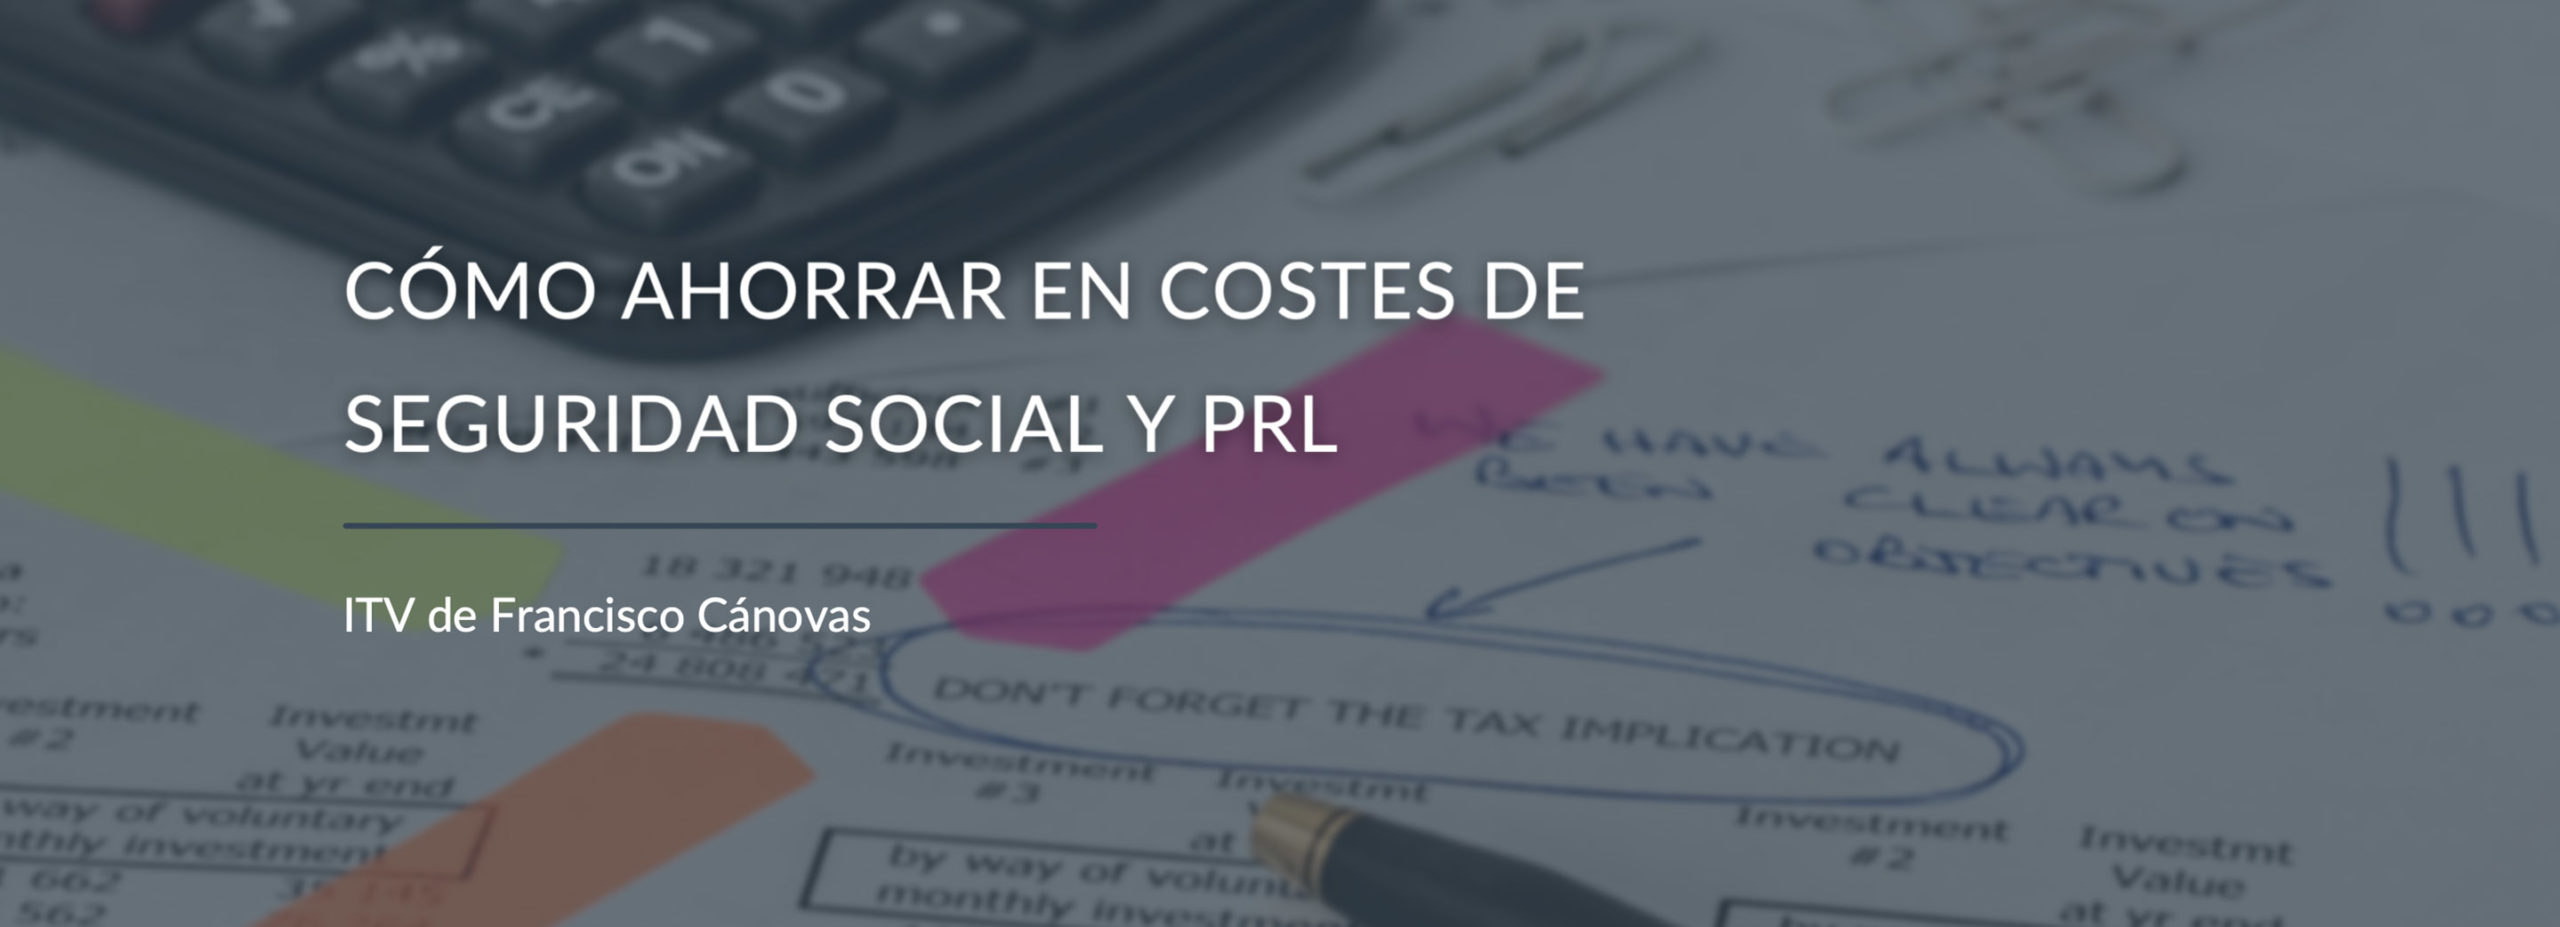 Costes seguridad social y PRL